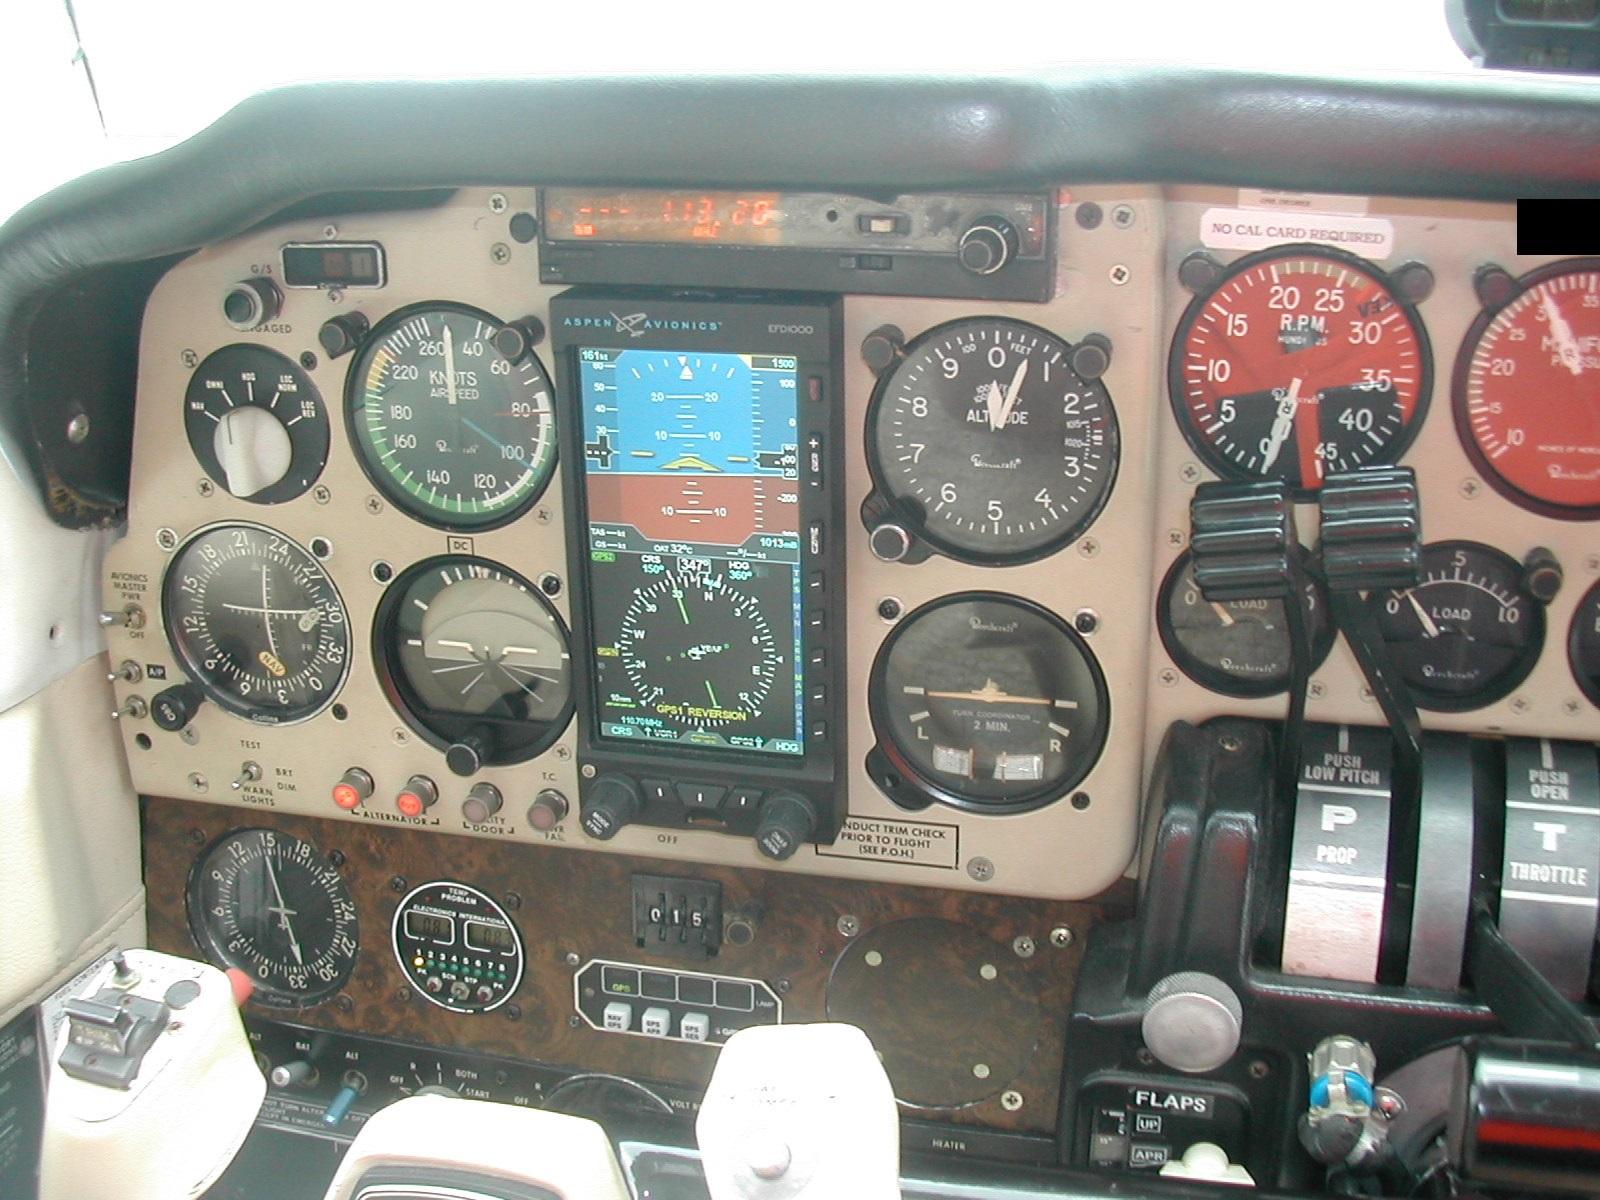 Aircraft Radio Sales & Services | Archerfield Airport | Avionics